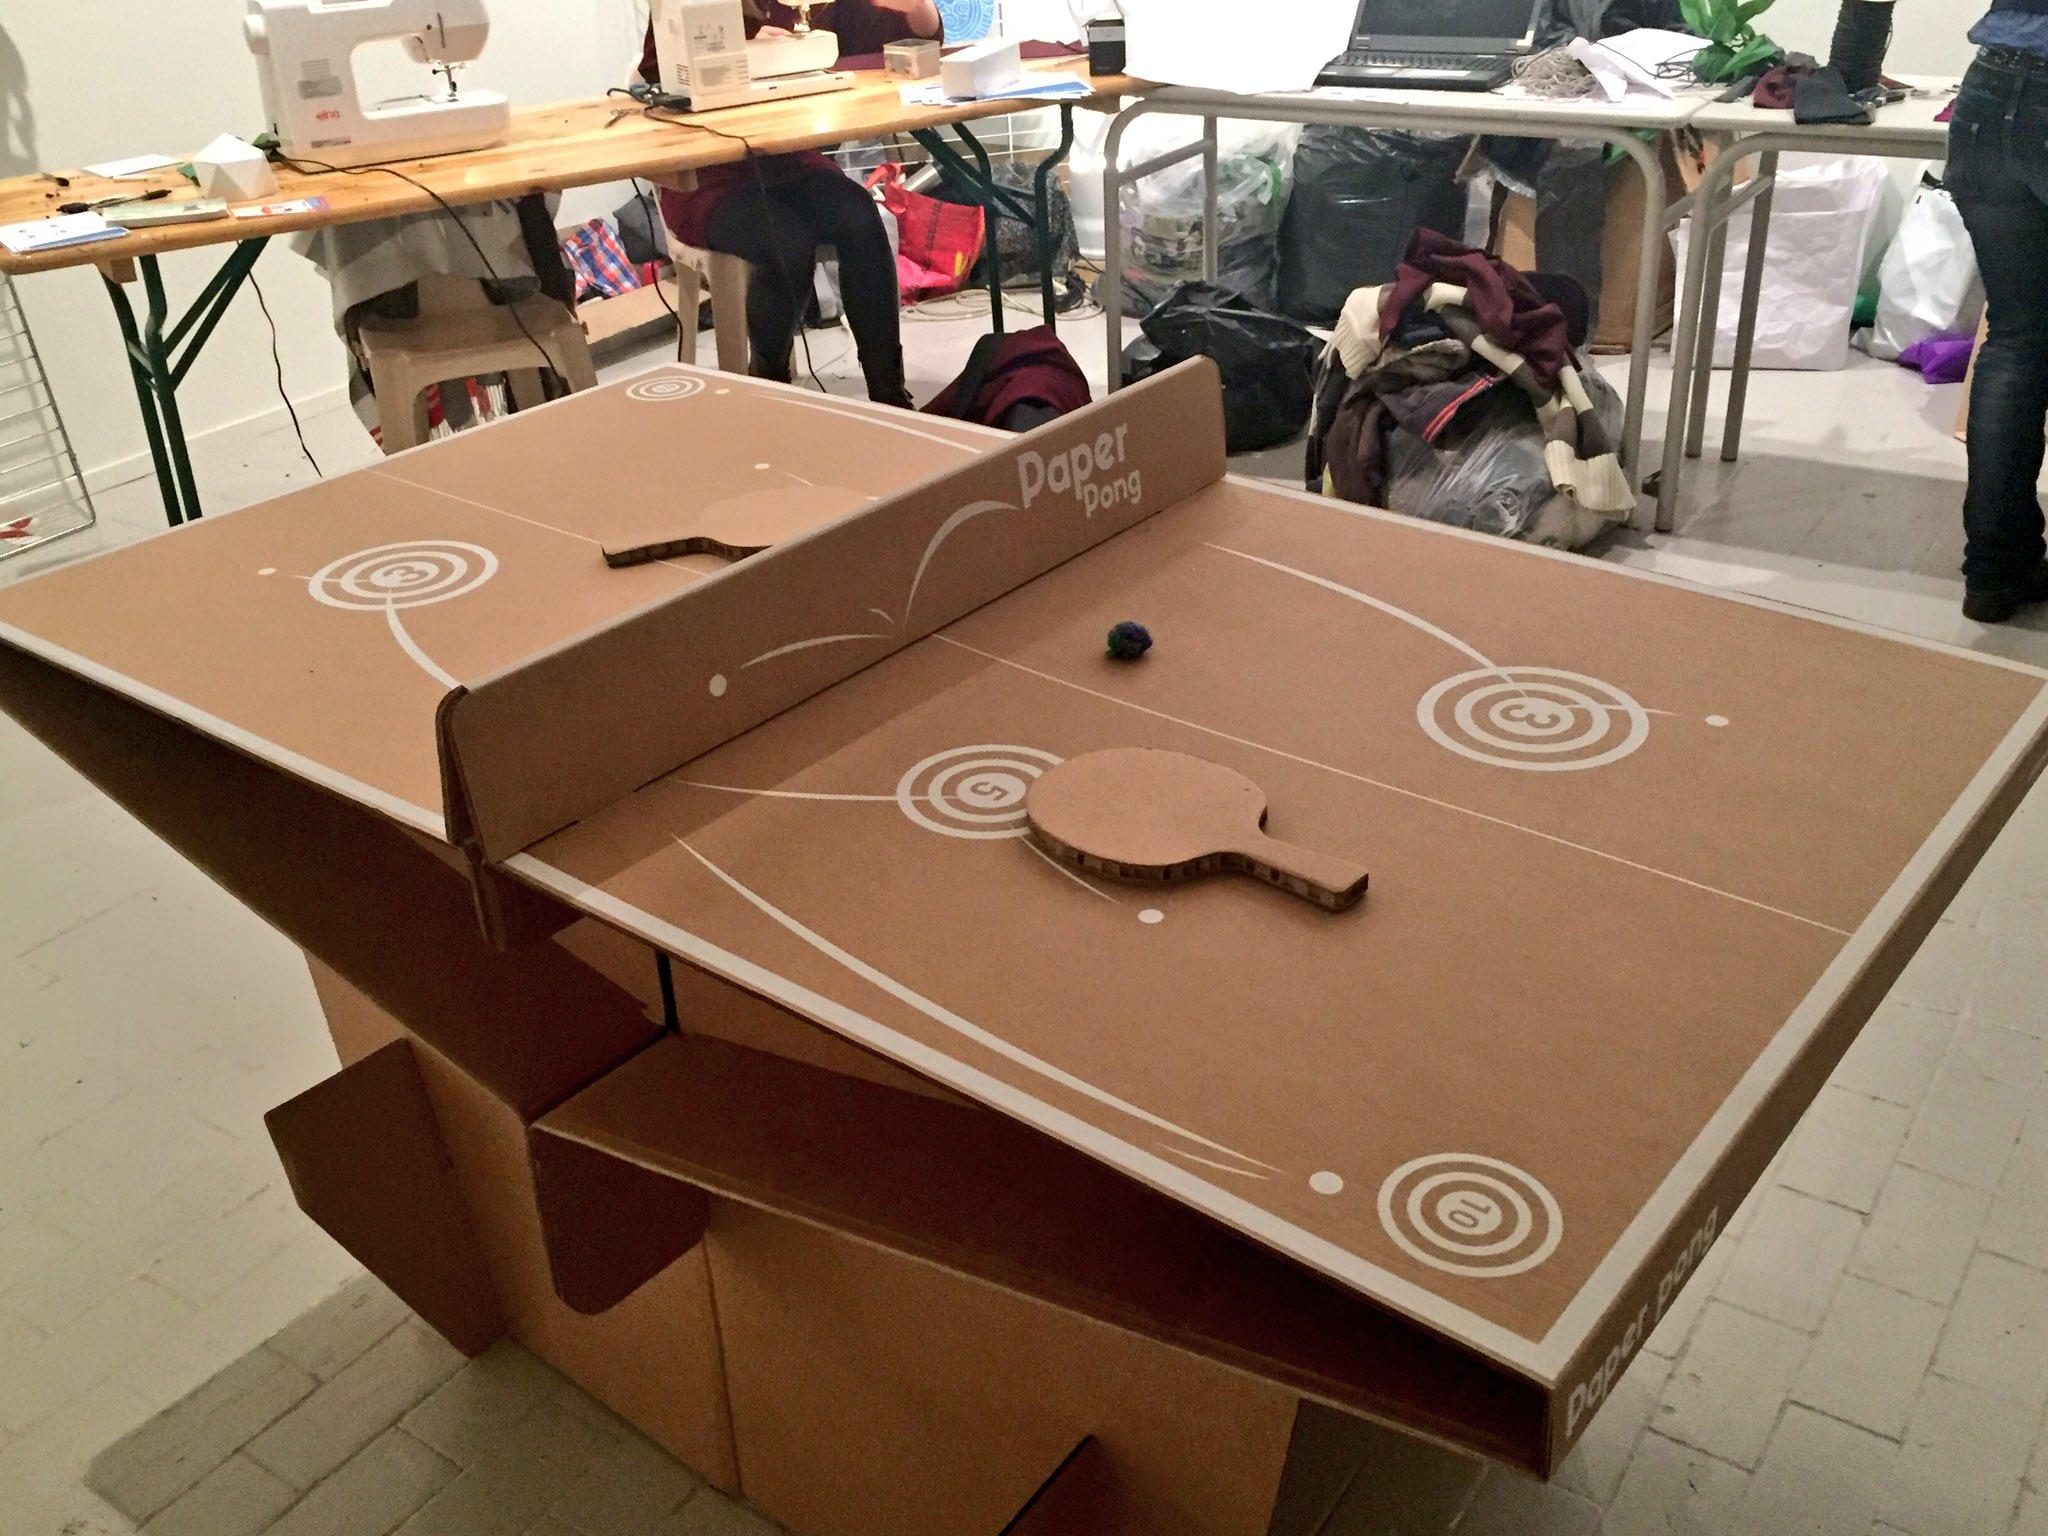 Florent derue on twitter sympa cette id e de table de ping pong pliable tout en carton - Table ping pong decathlon ...